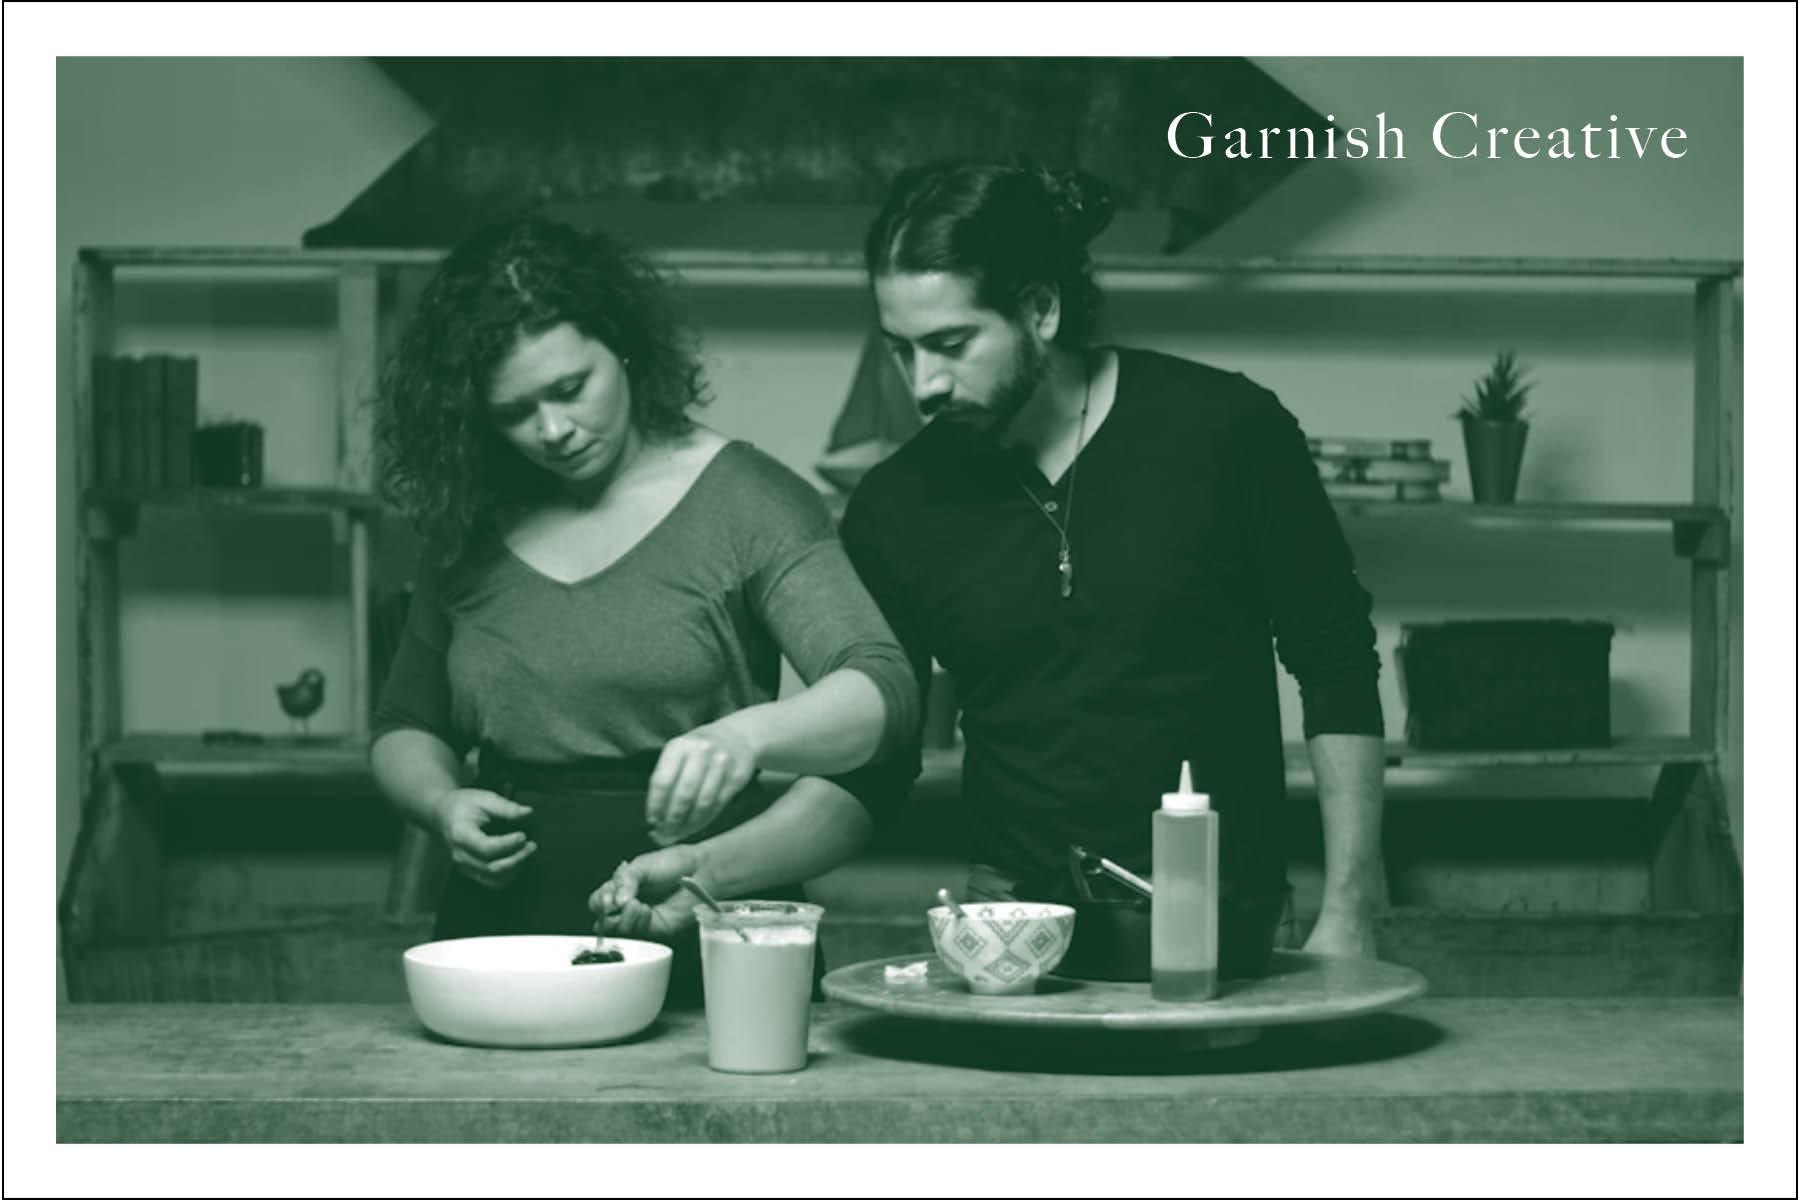 Garnish_PostCard.jpg